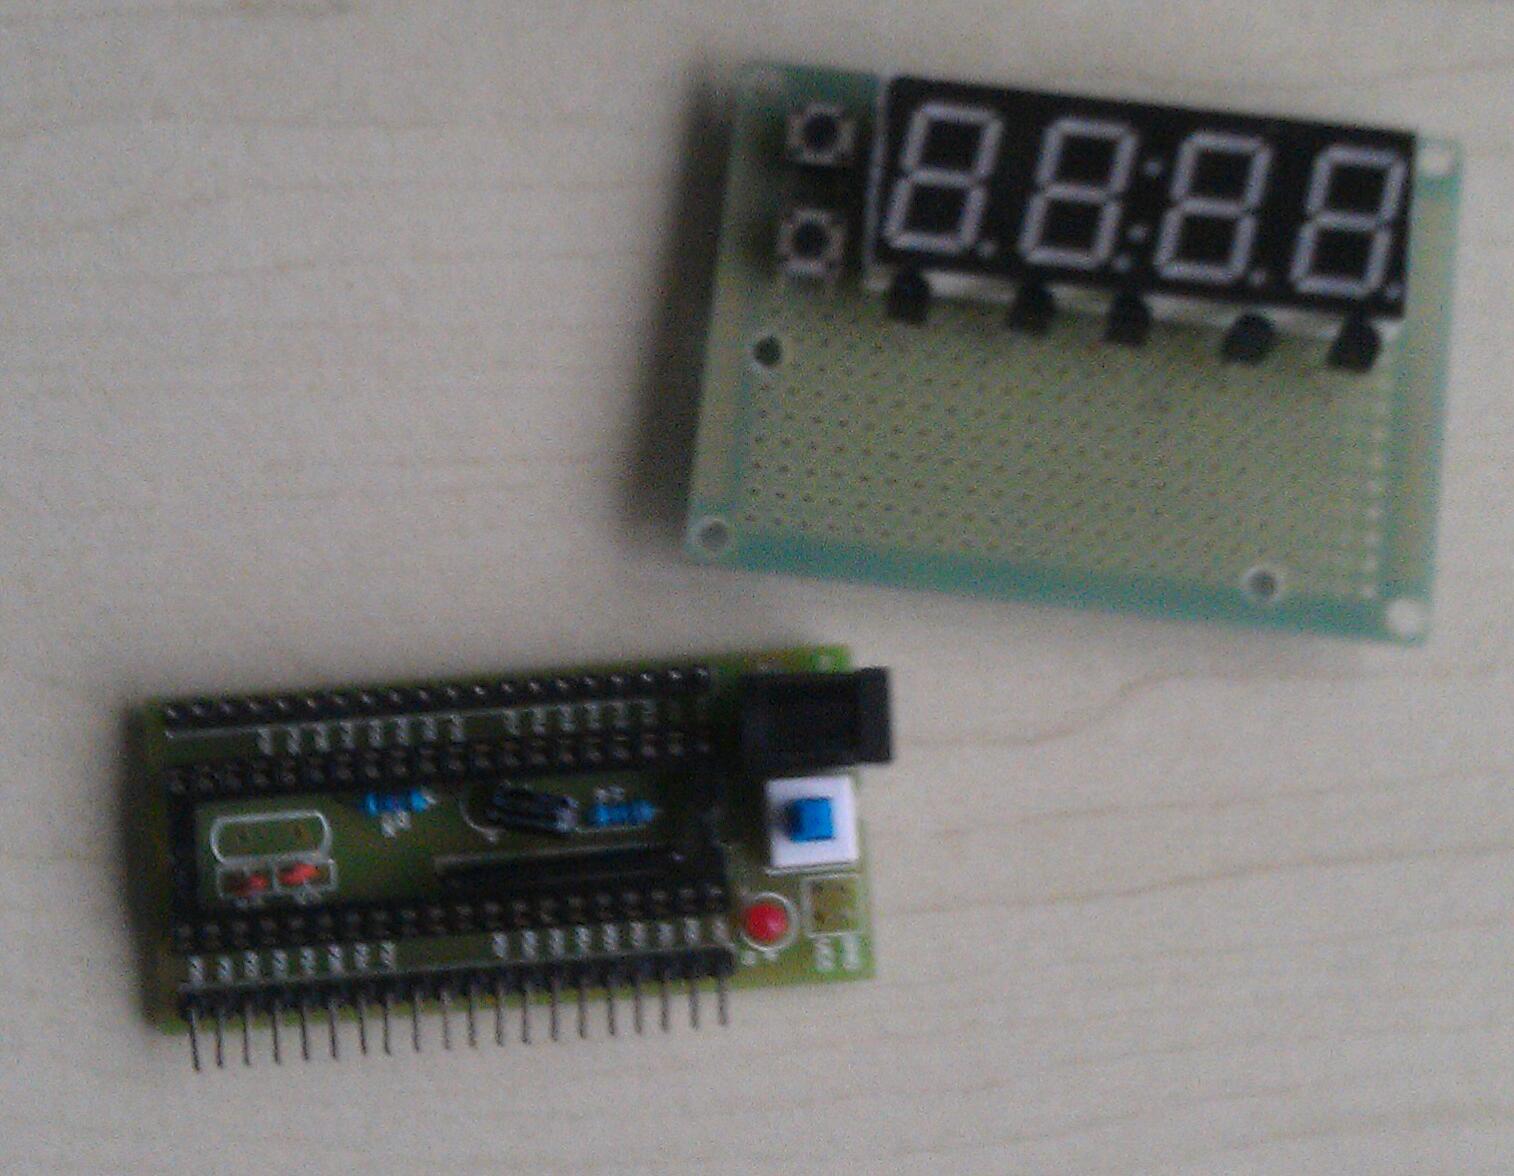 手工制作51单片机电子表,初步组装